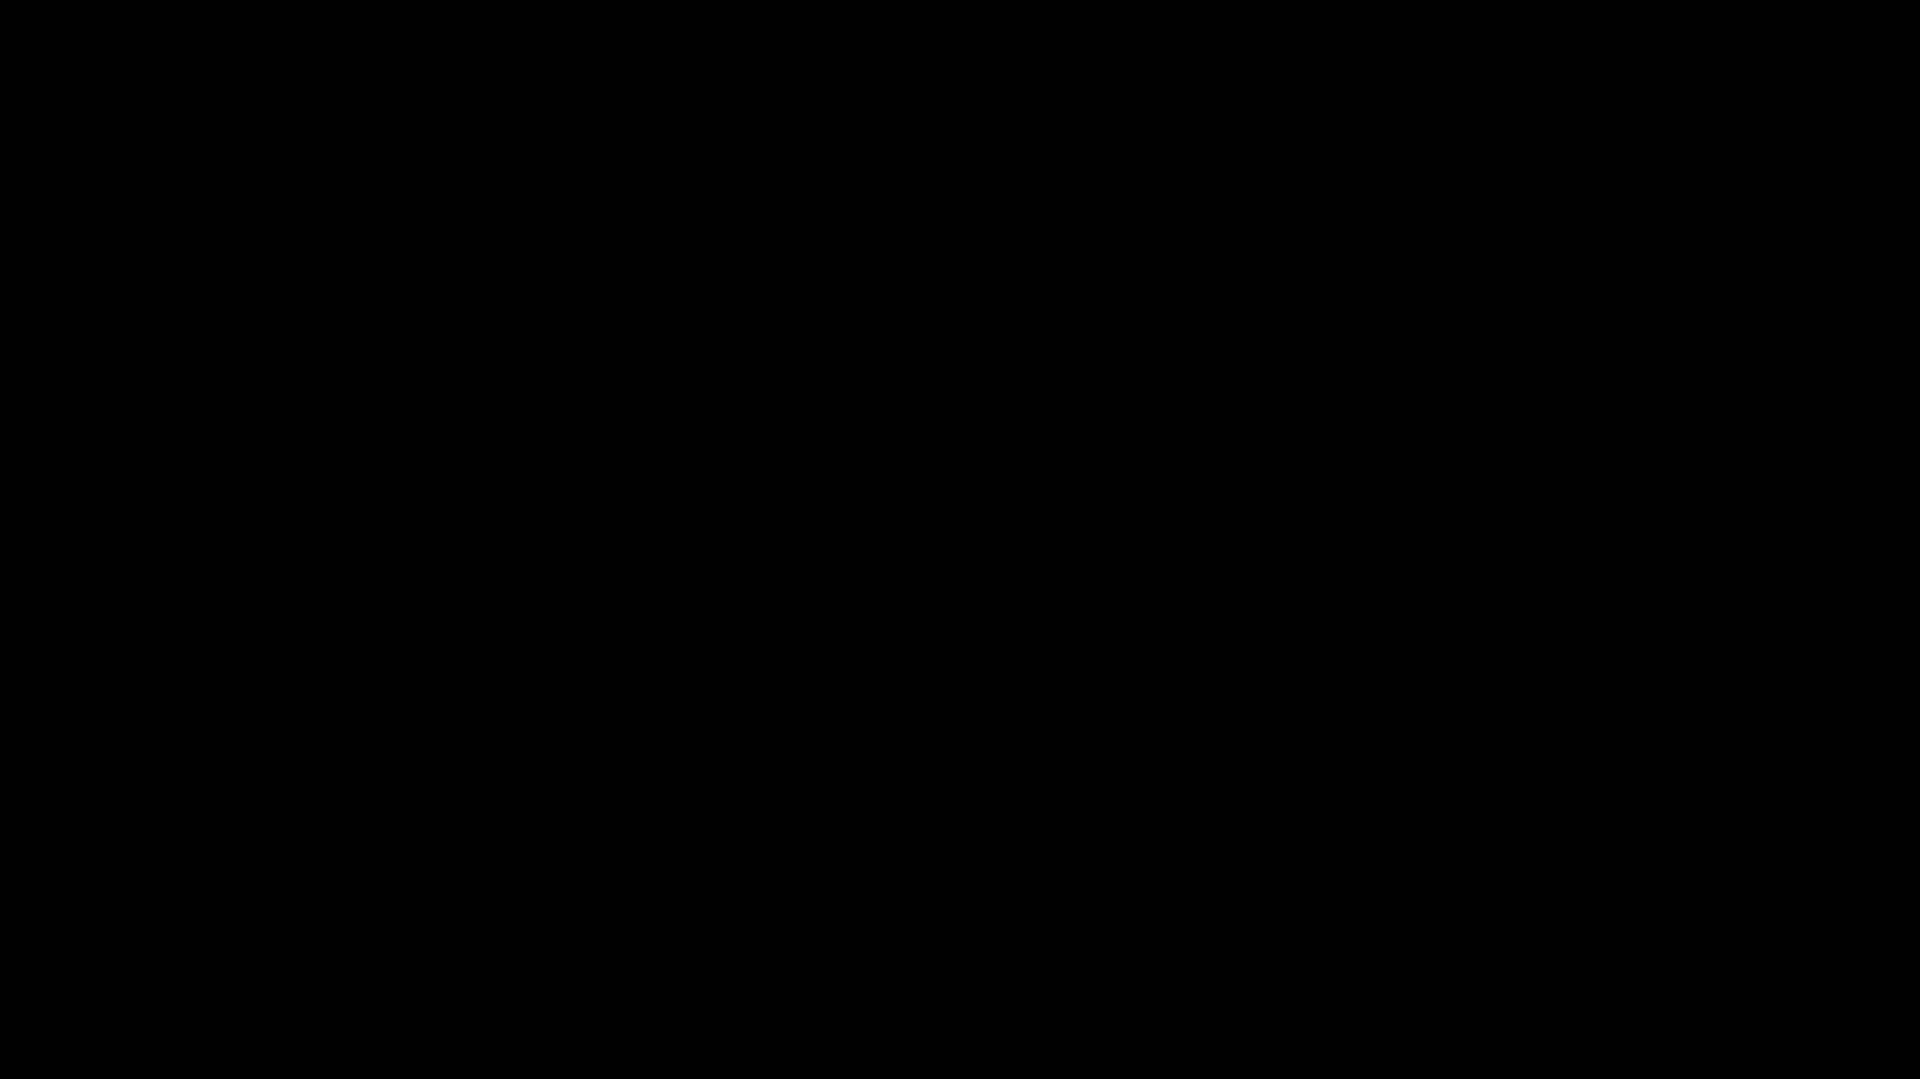 hlg_2966